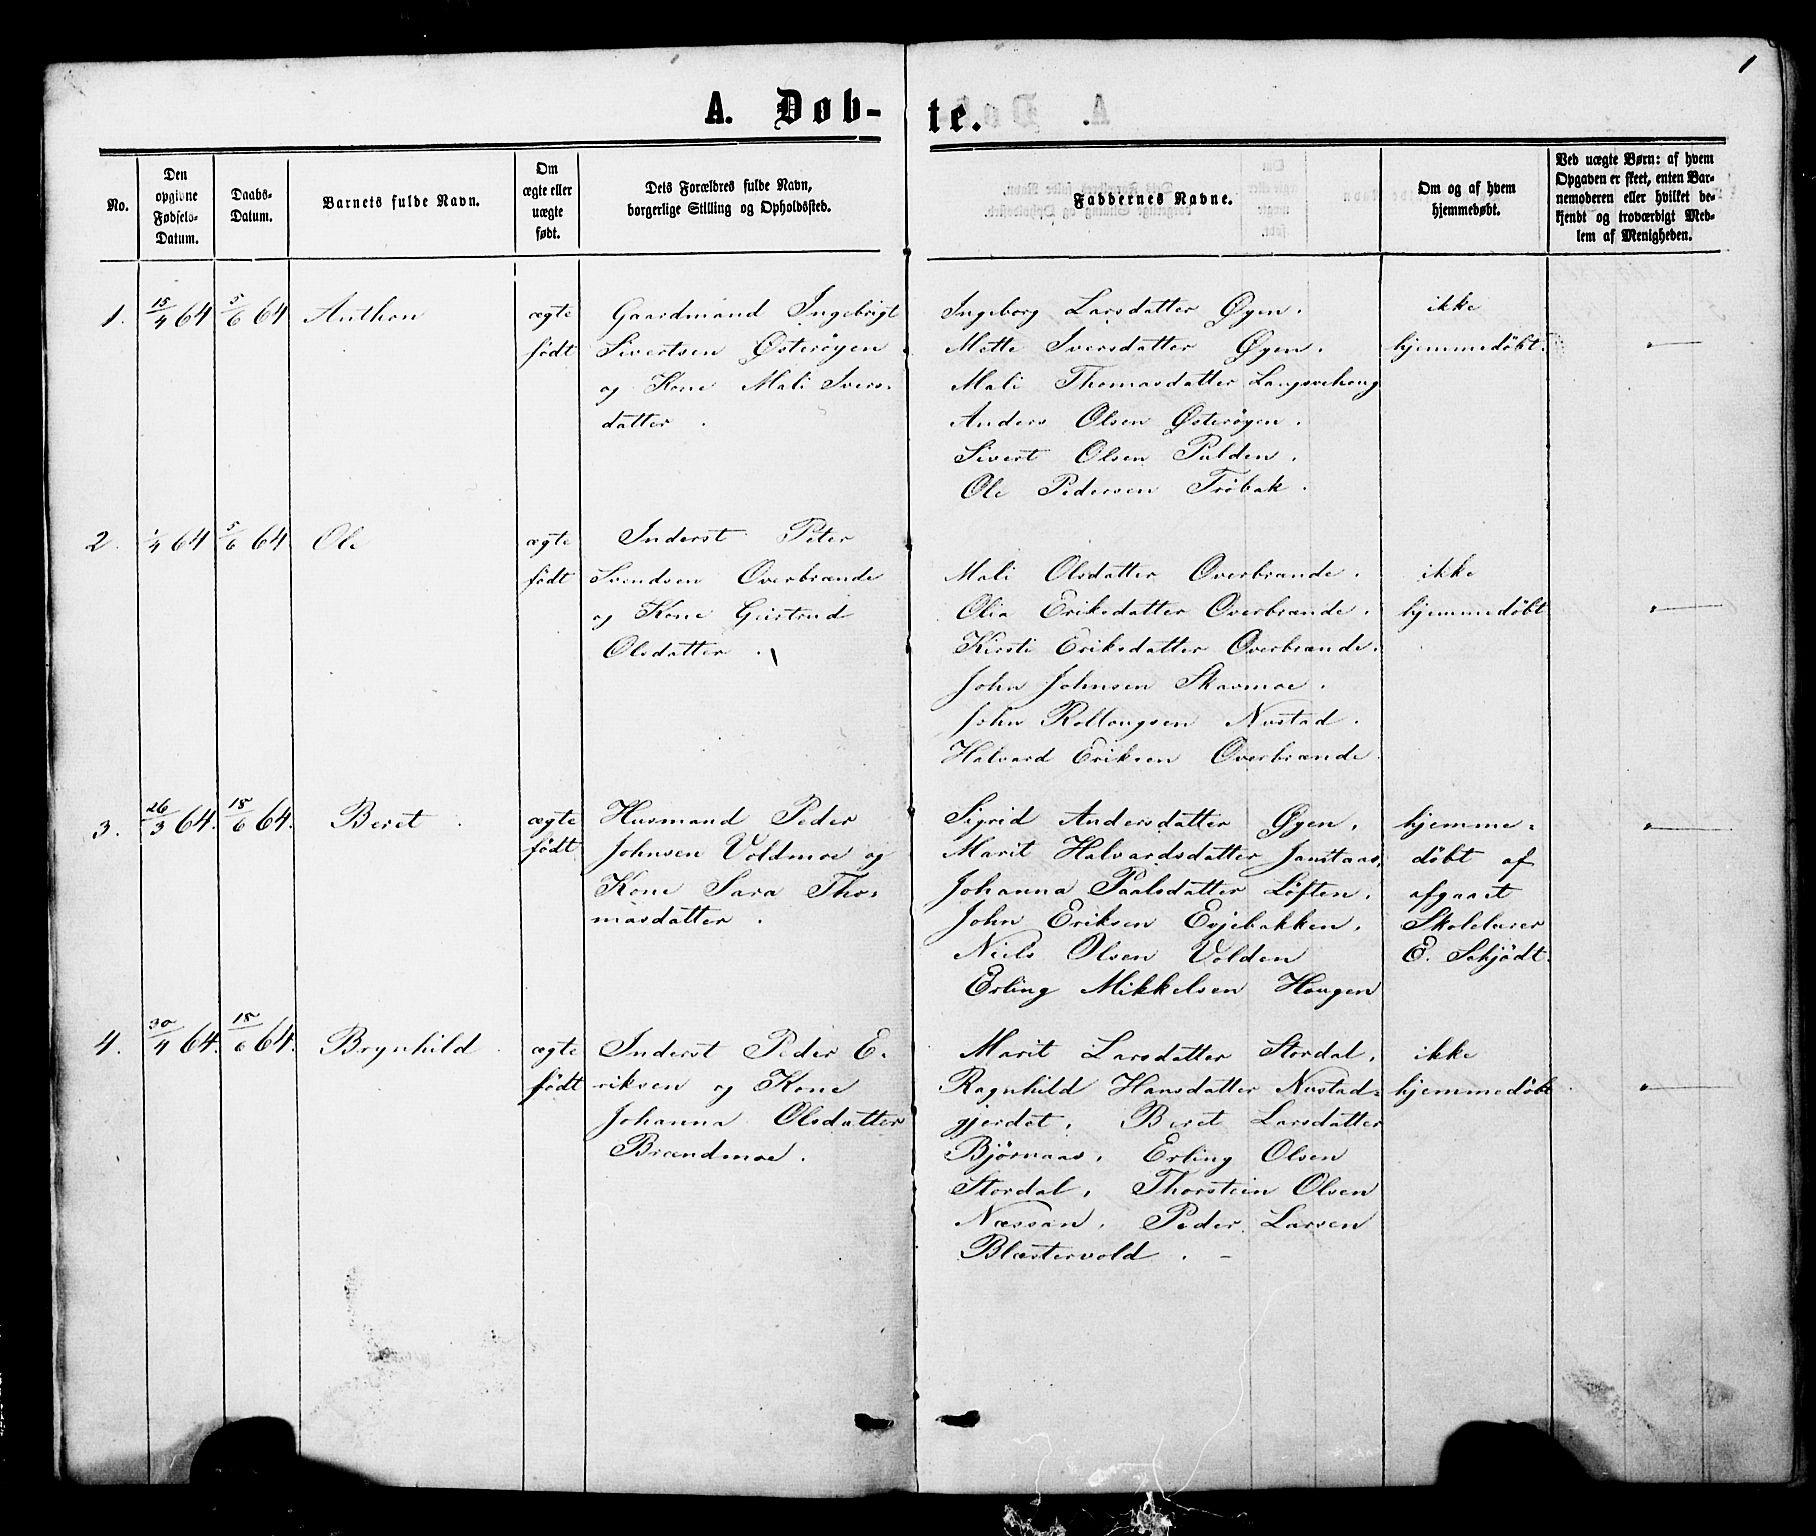 SAT, Ministerialprotokoller, klokkerbøker og fødselsregistre - Nord-Trøndelag, 706/L0049: Klokkerbok nr. 706C01, 1864-1895, s. 1